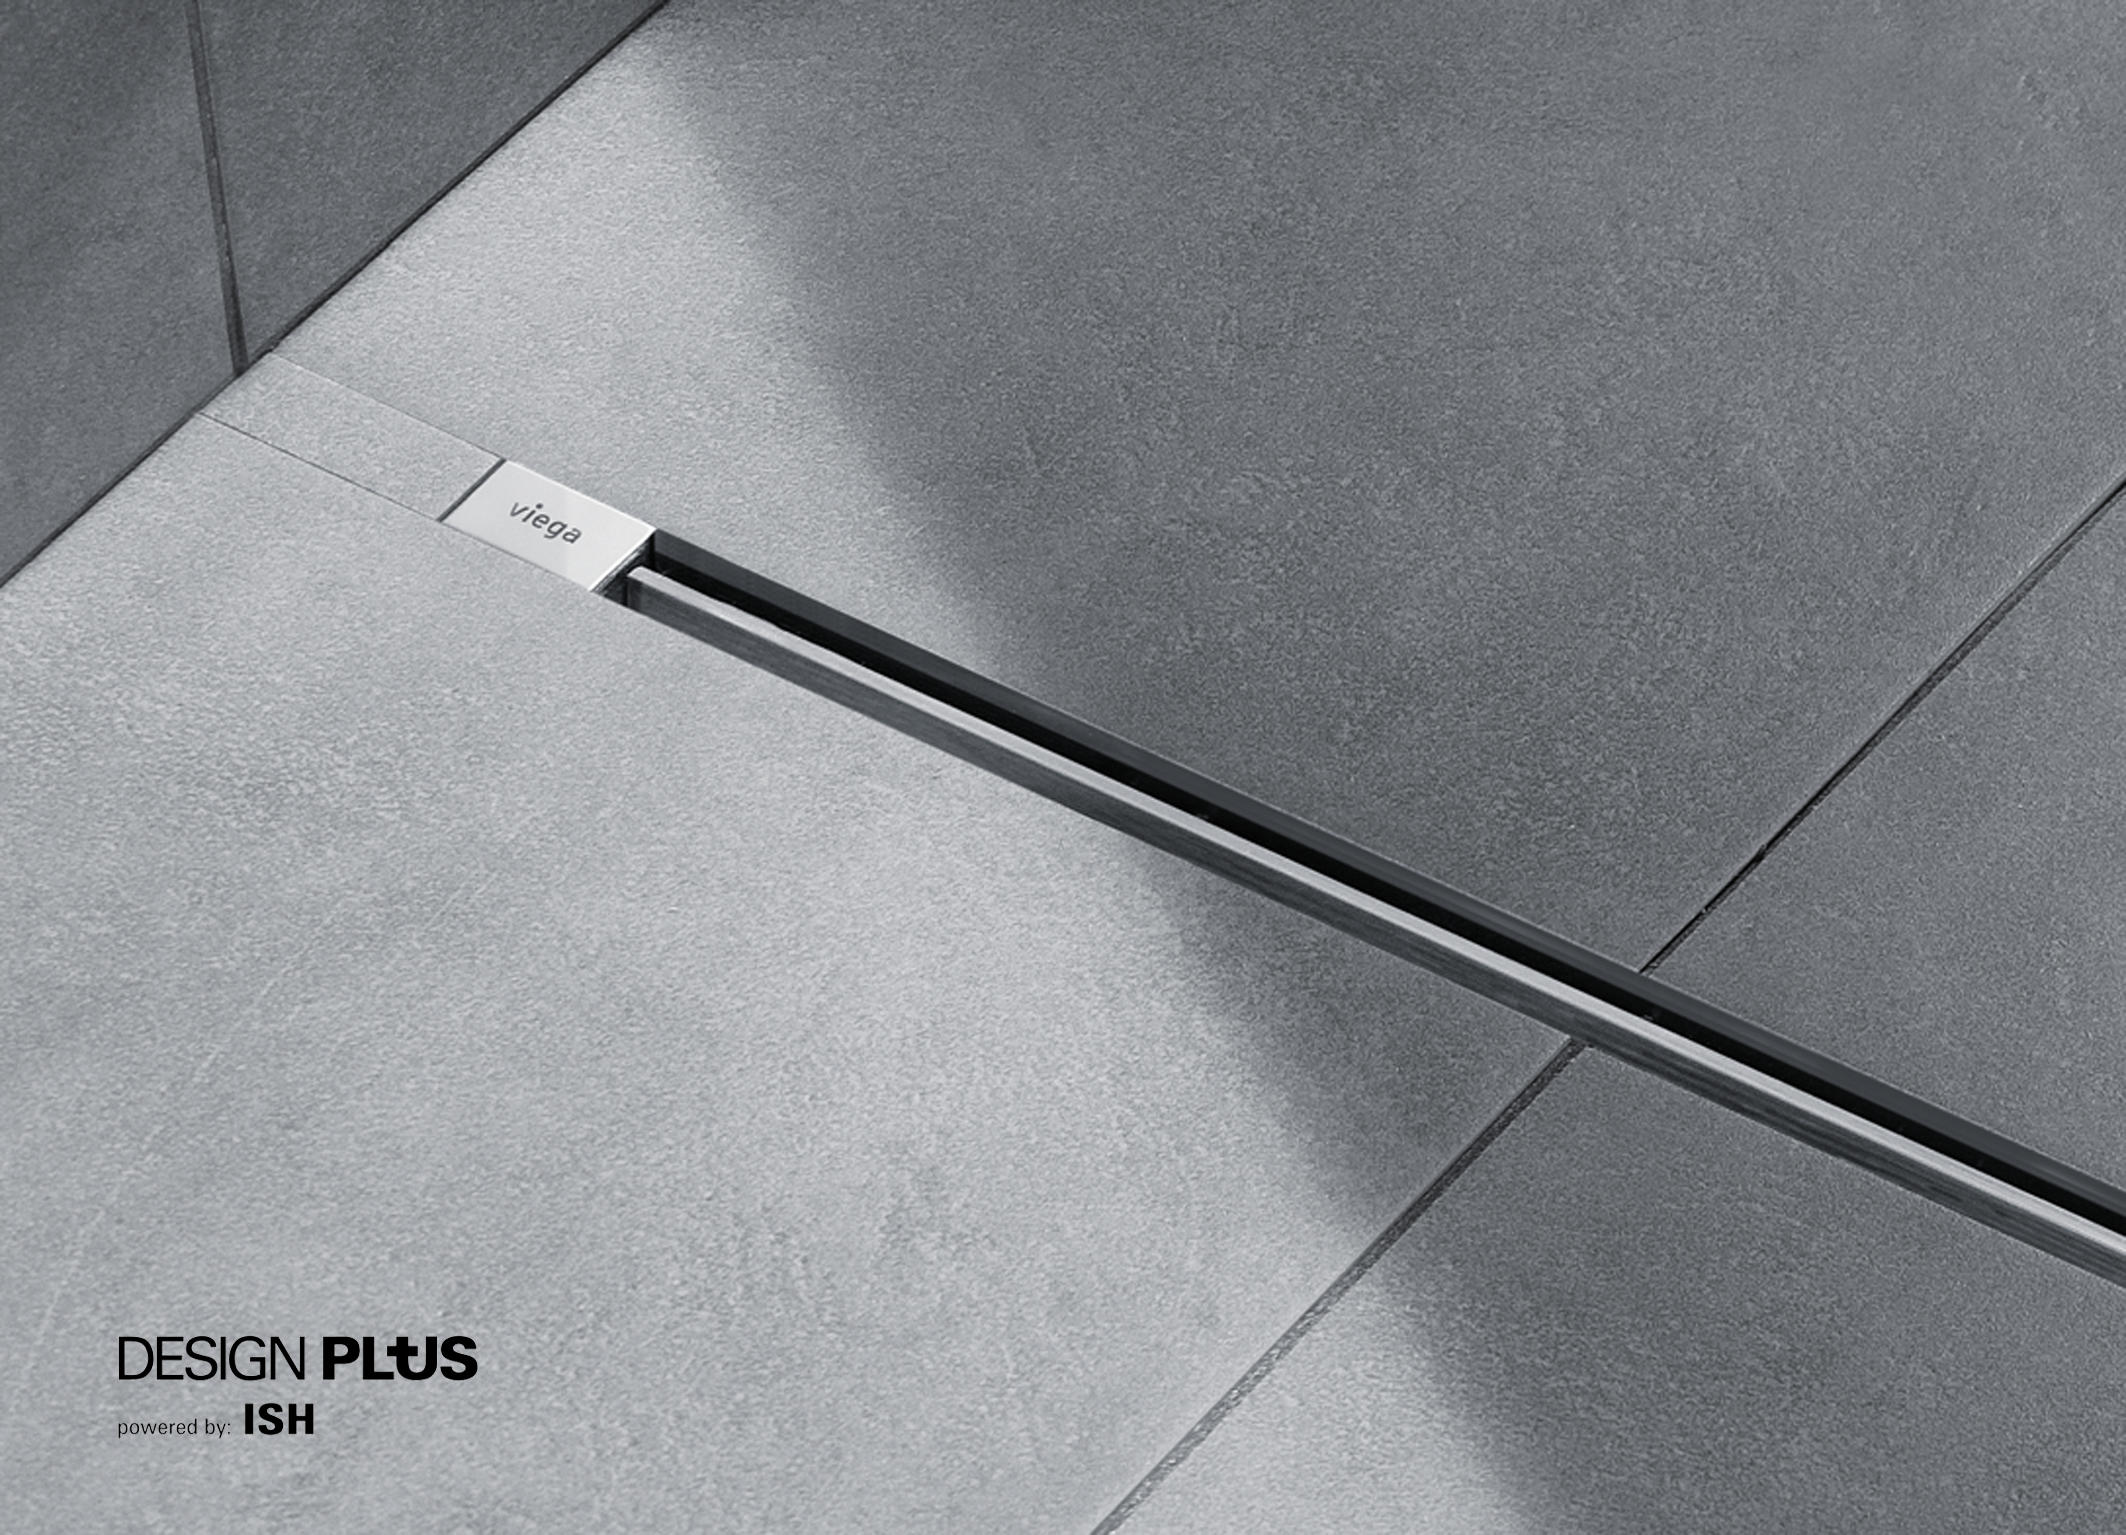 Elastyczny sposób instalacji, minimalistyczny design